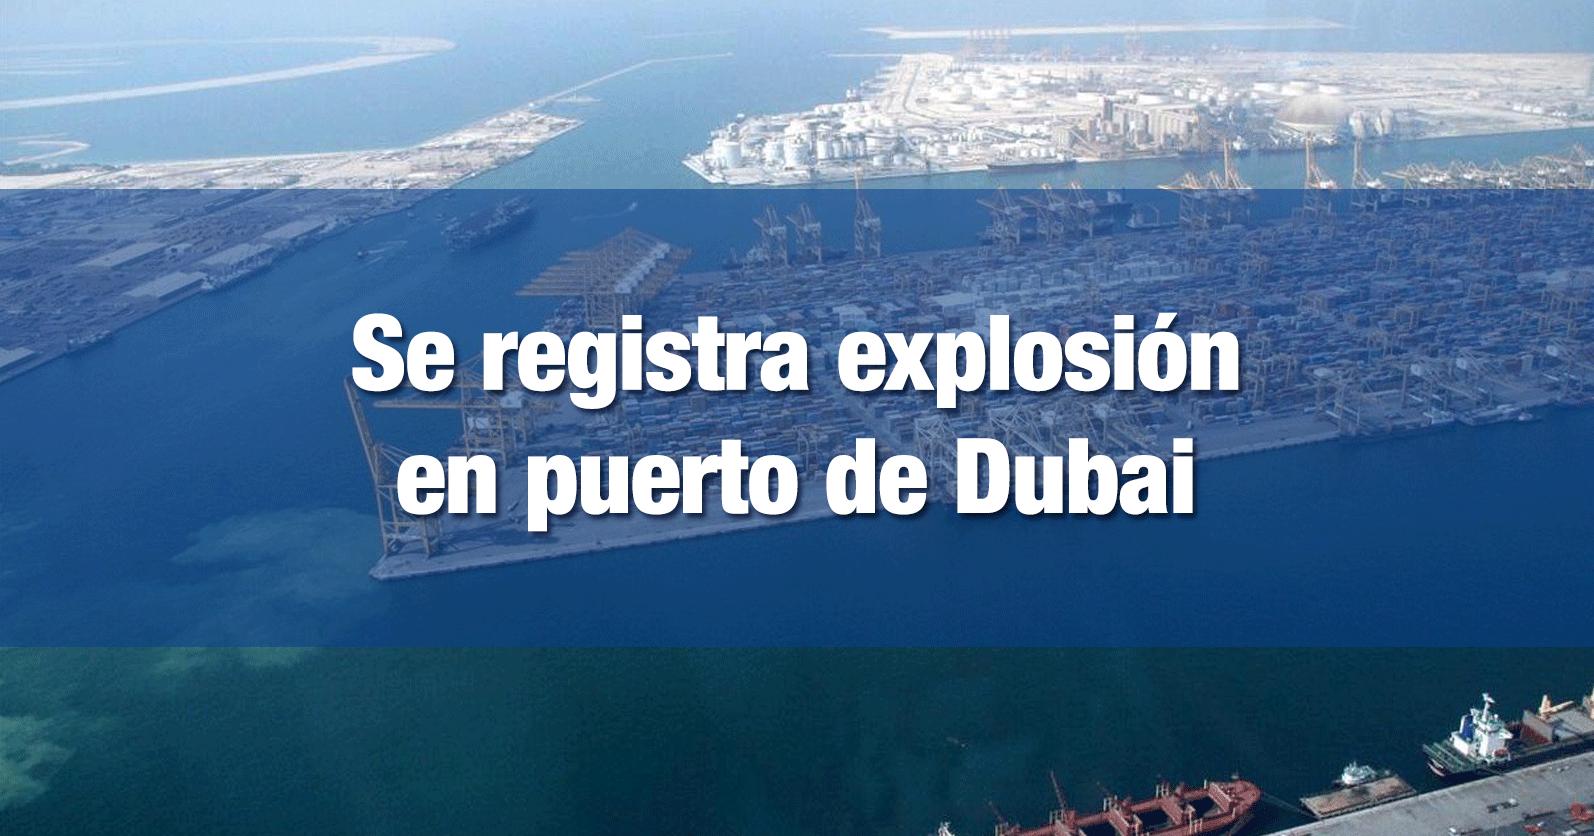 Se registra explosión en puerto de Dubai